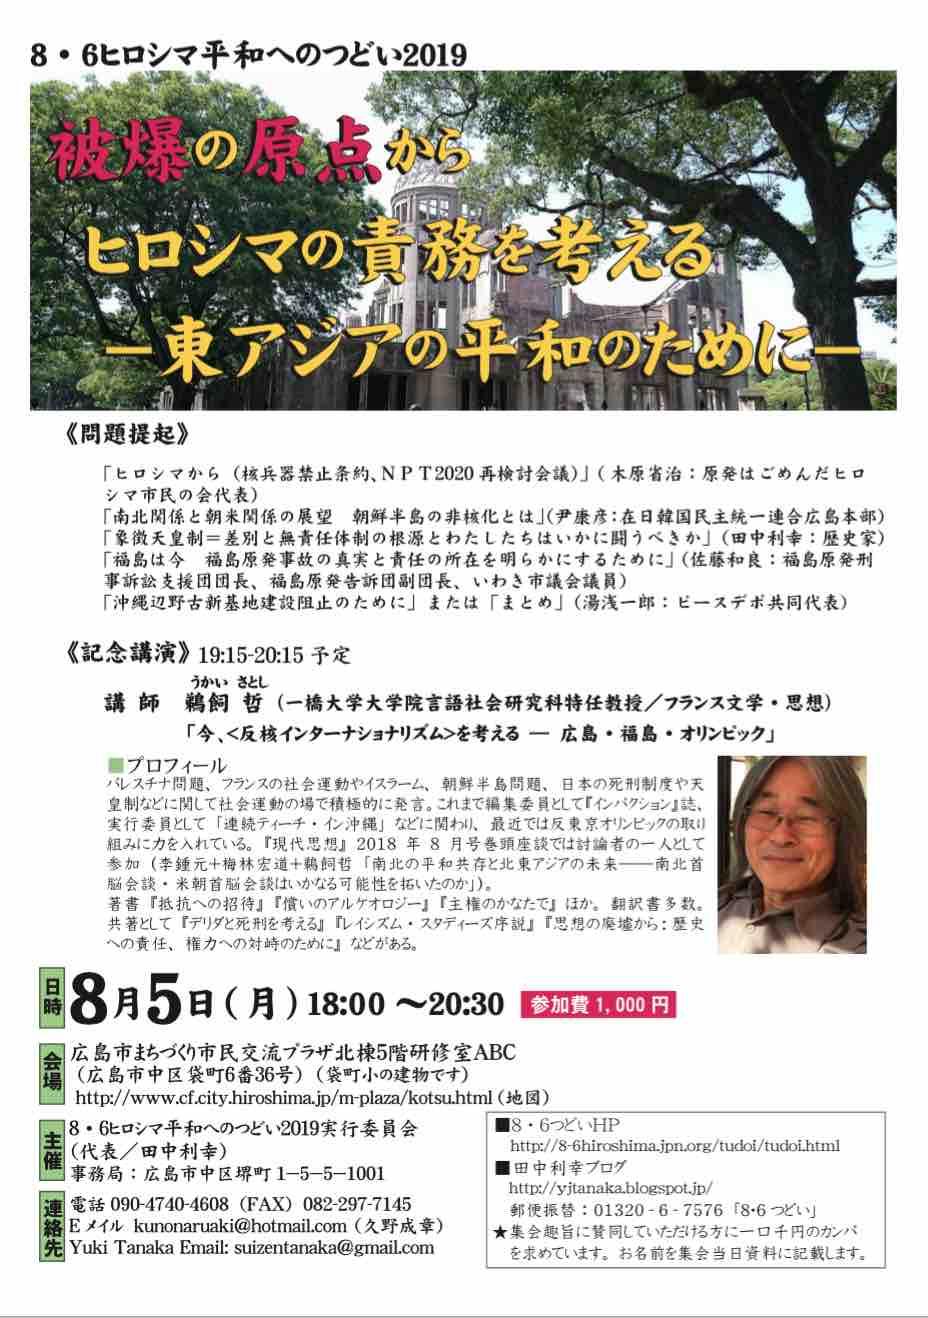 被爆74周年、原水爆禁止広島大会・ヒロシマ平和の集いへ_e0068696_16355030.jpg